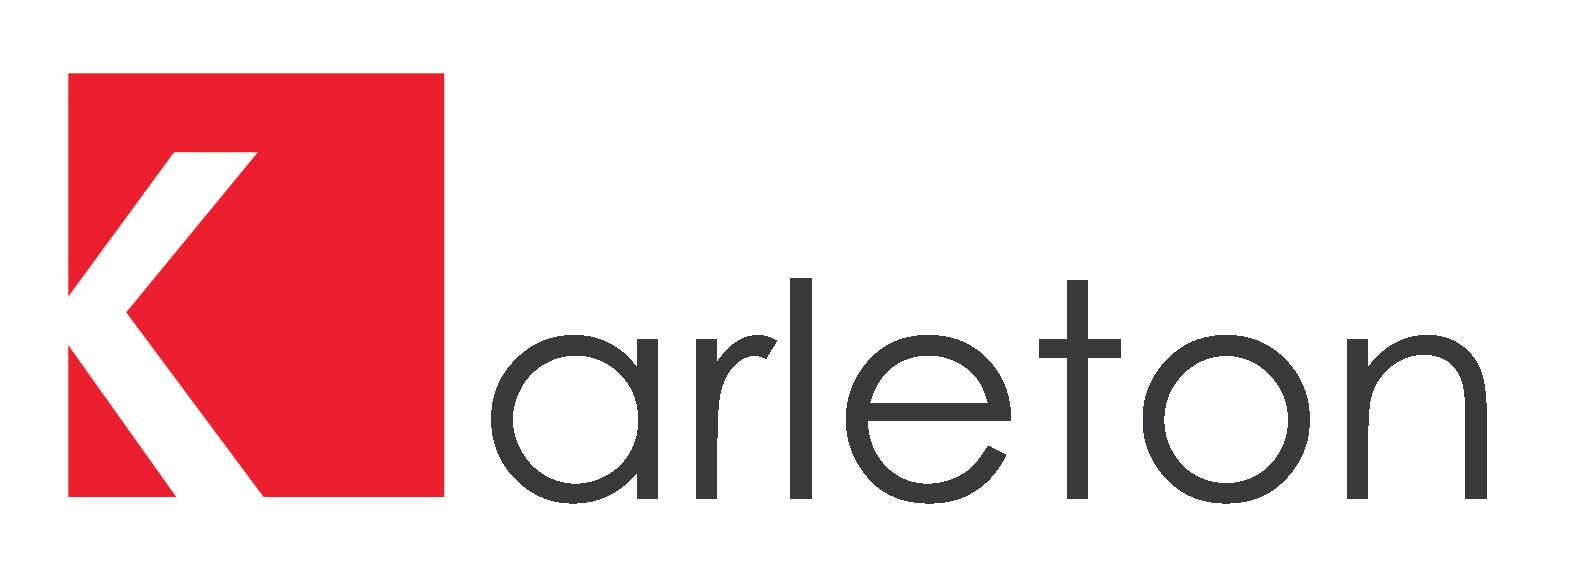 Ventanas de PVC, Canceles y Puertas - Karleton